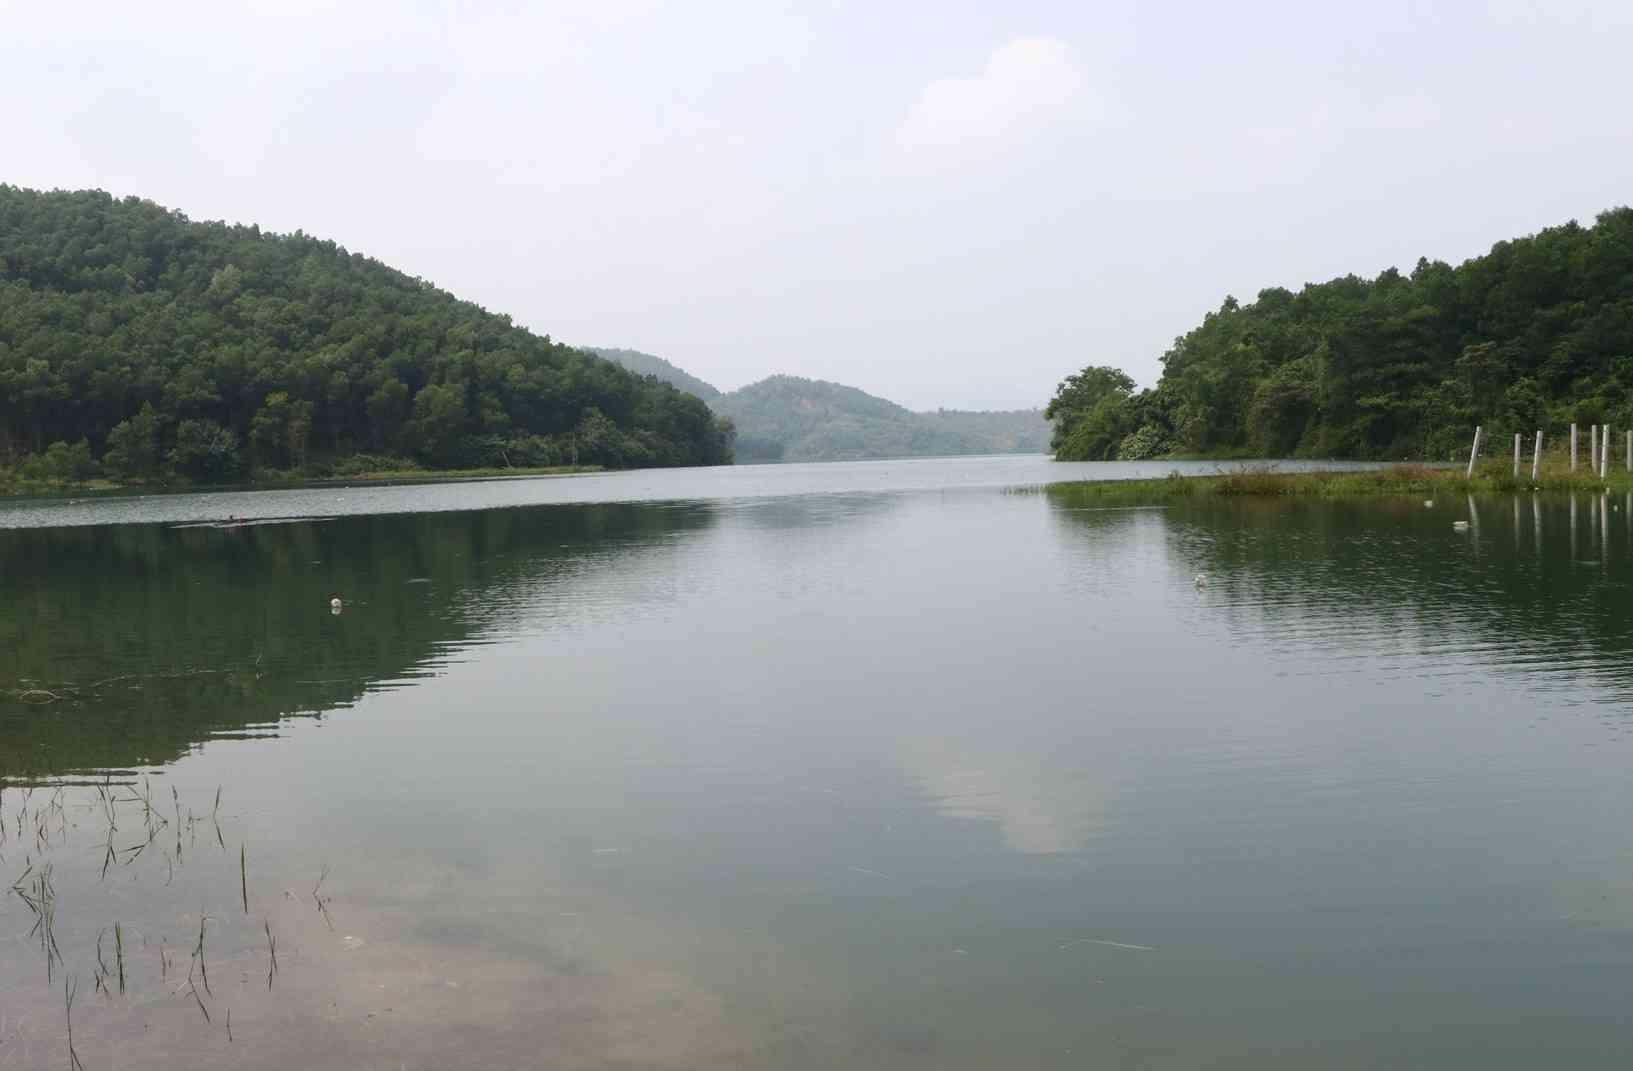 Sau vụ ô nhiễm nguồn nước, Hòa Bình đòi Công ty nước sạch Sông Đà trả hồ Đầm Bài - 1